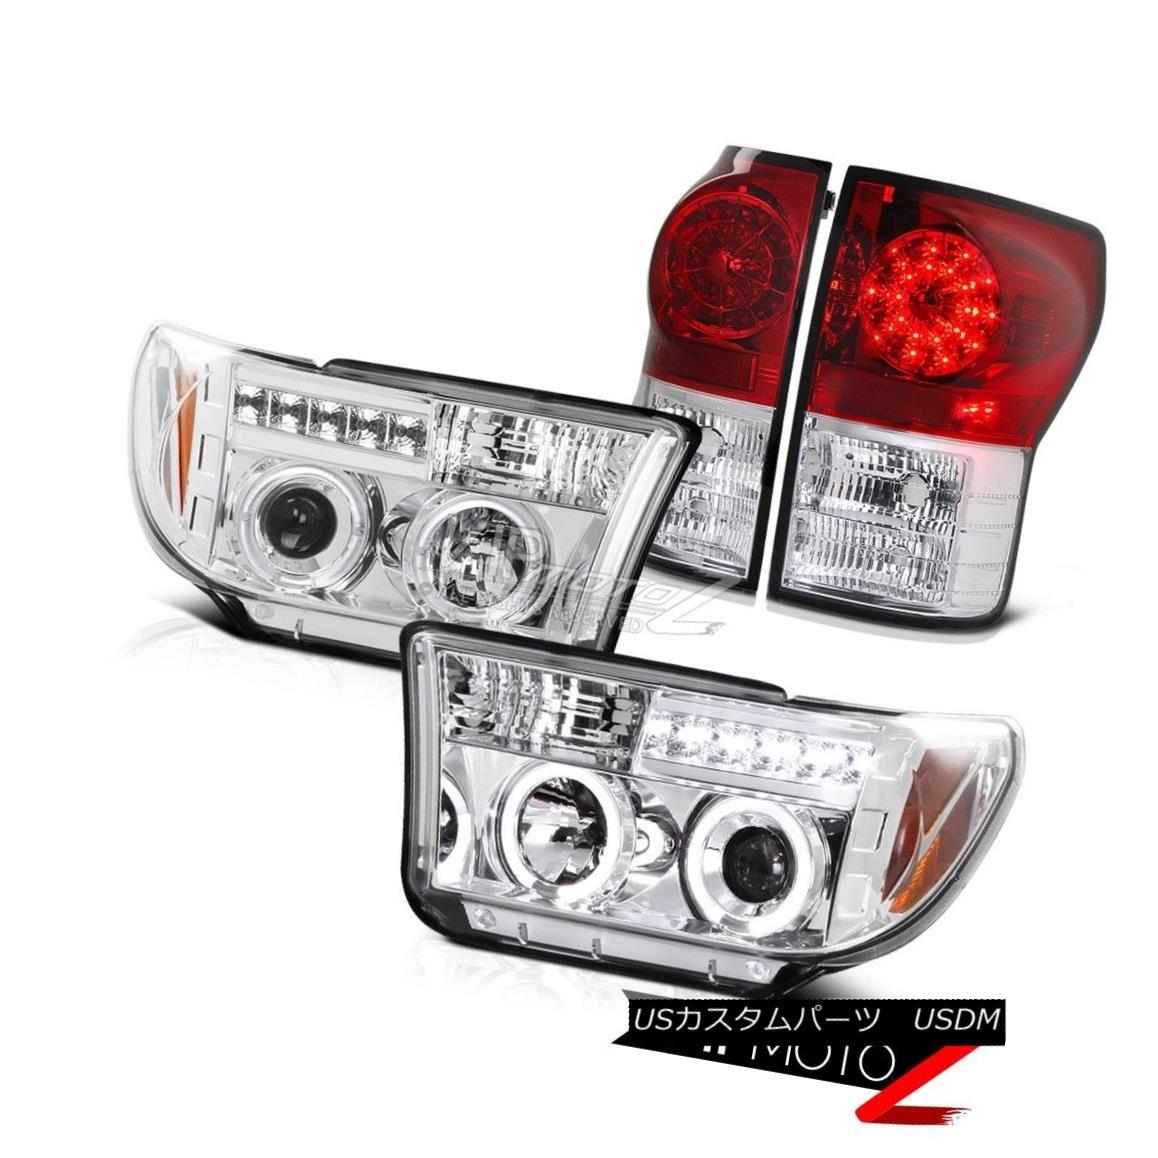 車用品 バイク用品 >> パーツ ライト ランプ ヘッドライト 07-13 日本 Tundra Sequoia Dual RED 商店 Set + Projector Light Halo Tail Headlights LED 07-13トンドラセコイアデュアルハロープロジェクターLEDヘッドライト+赤LEDテールライトセット